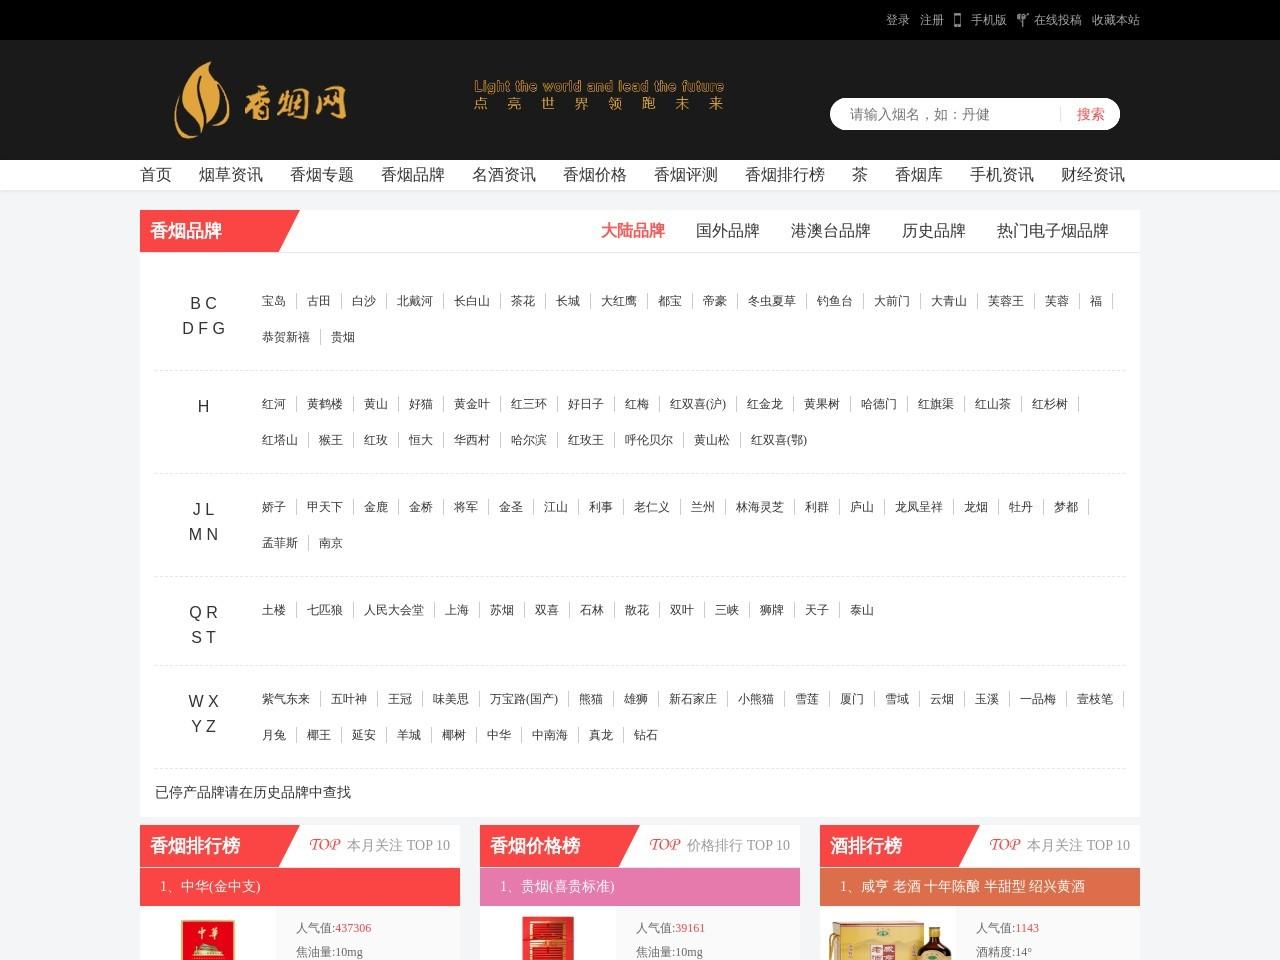 [中国香烟网]-全球香烟品牌价格排行榜!点亮世界领跑未来